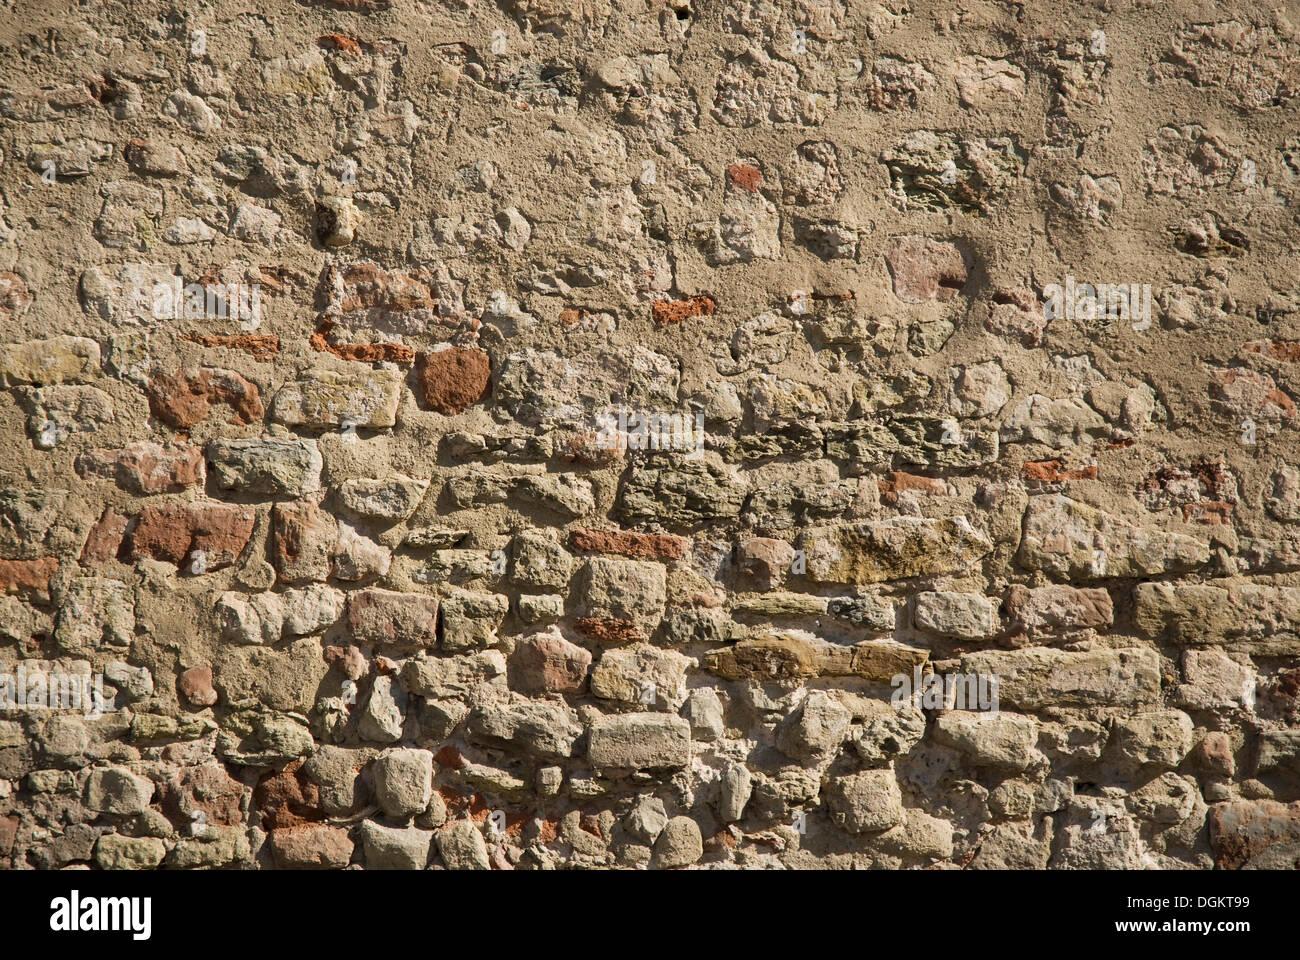 Reparierte wand hintergrund stockfoto bild 61901765 alamy - Hintergrund wand ...